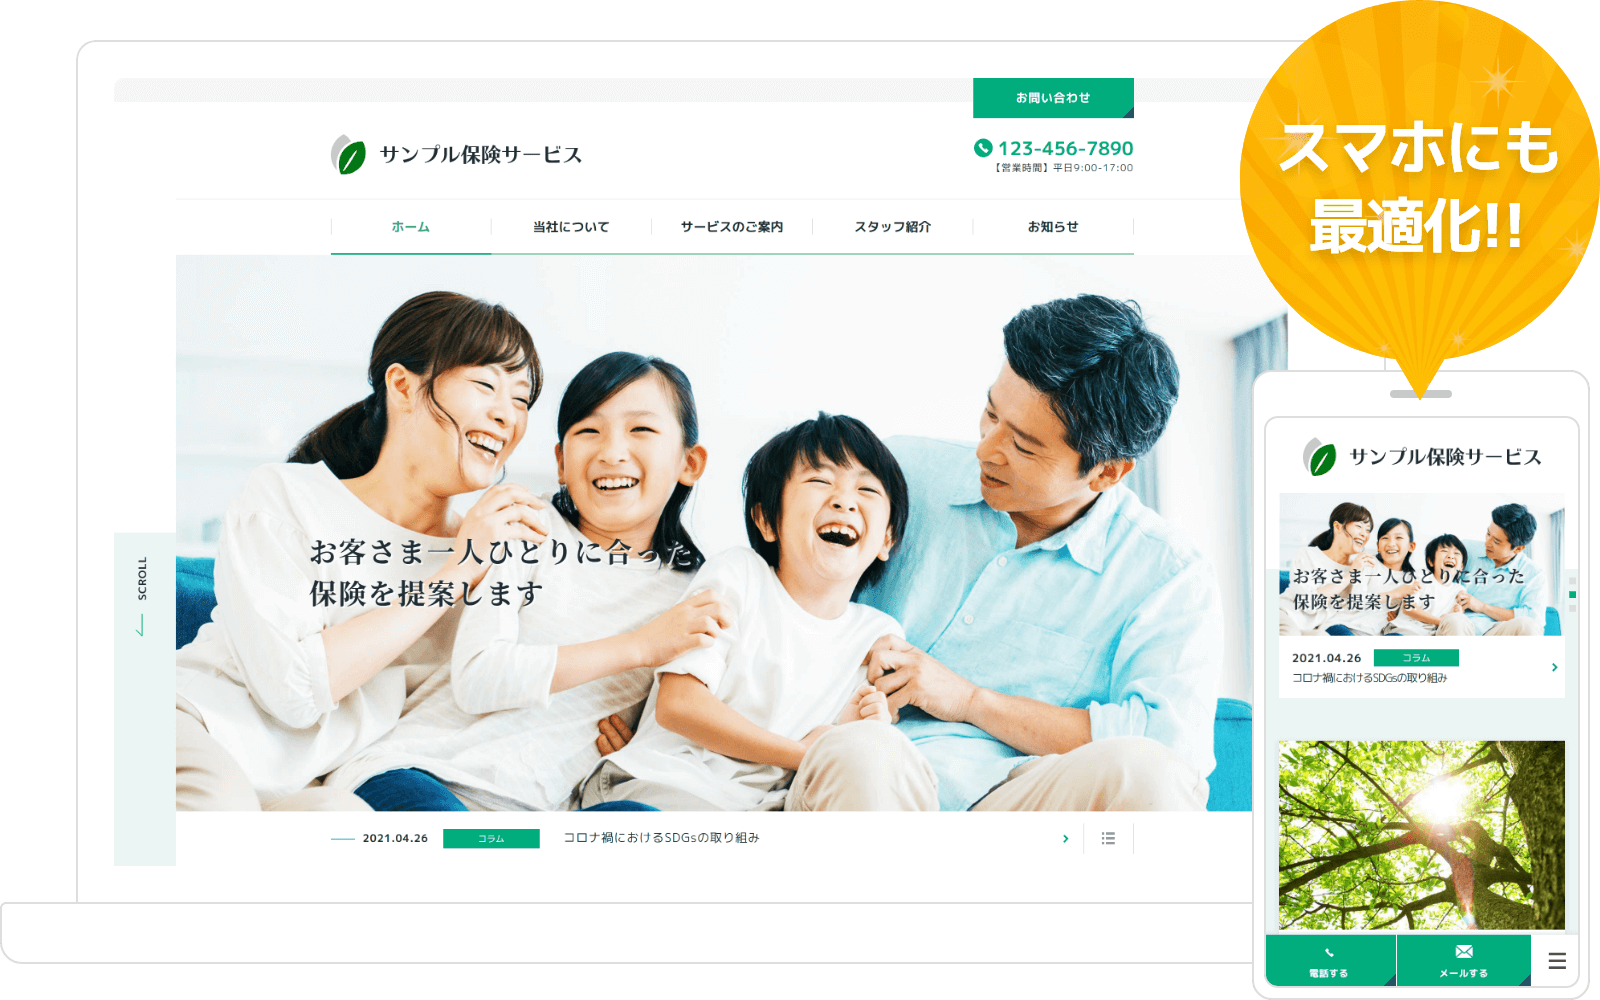 保険代理店専用ホームページ作成サービス1DAYメイド・プロで作成した高品質なサイト